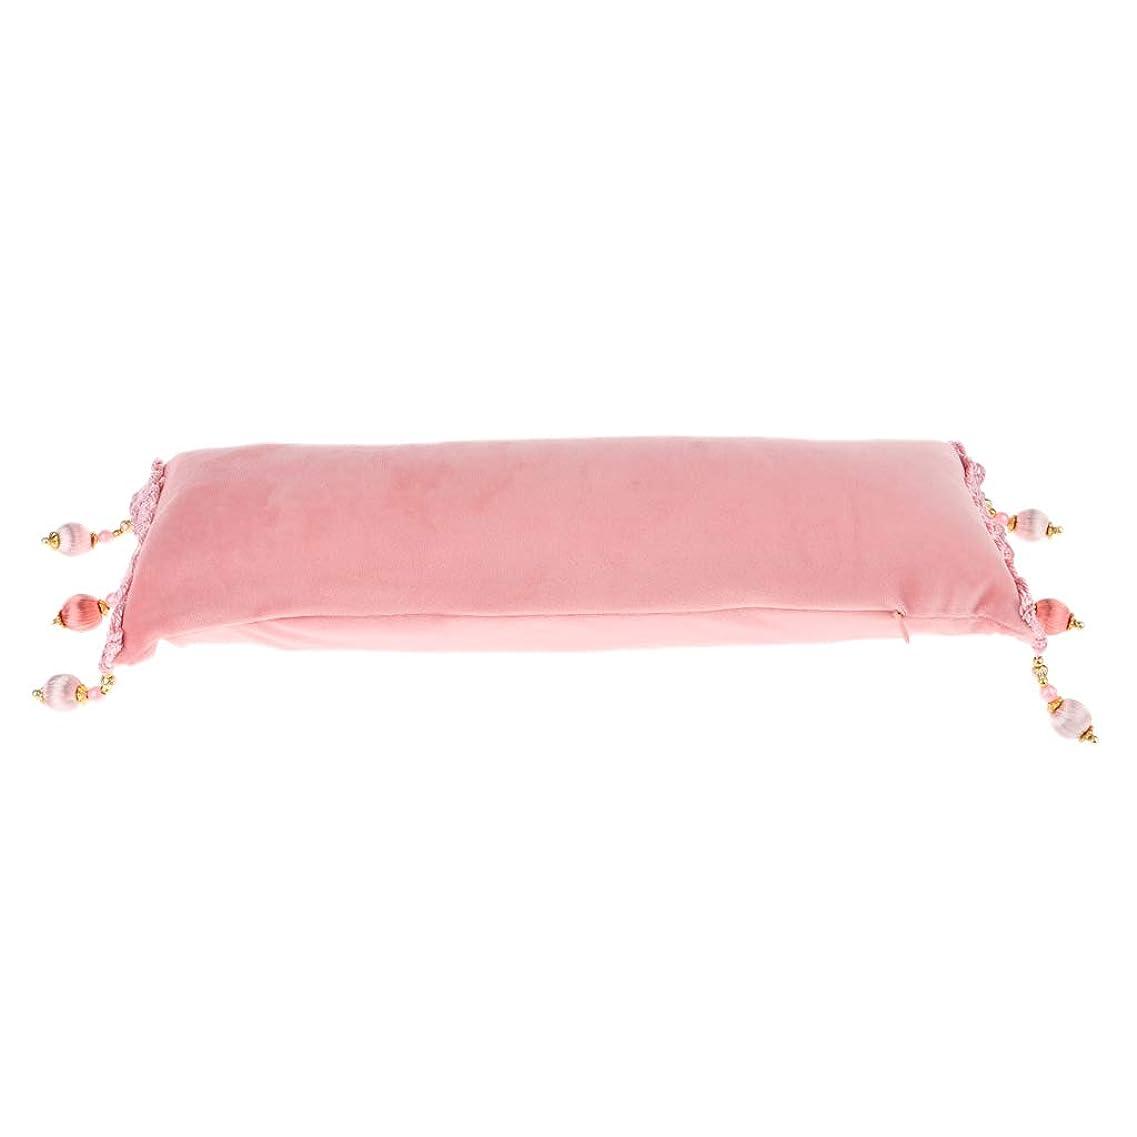 バウンスなしで湾T TOOYFUL ピロー 枕 クッション ネイルアート ハンドピロー ソフト ハンド枕 手首枕 柔らかい カバー洗え